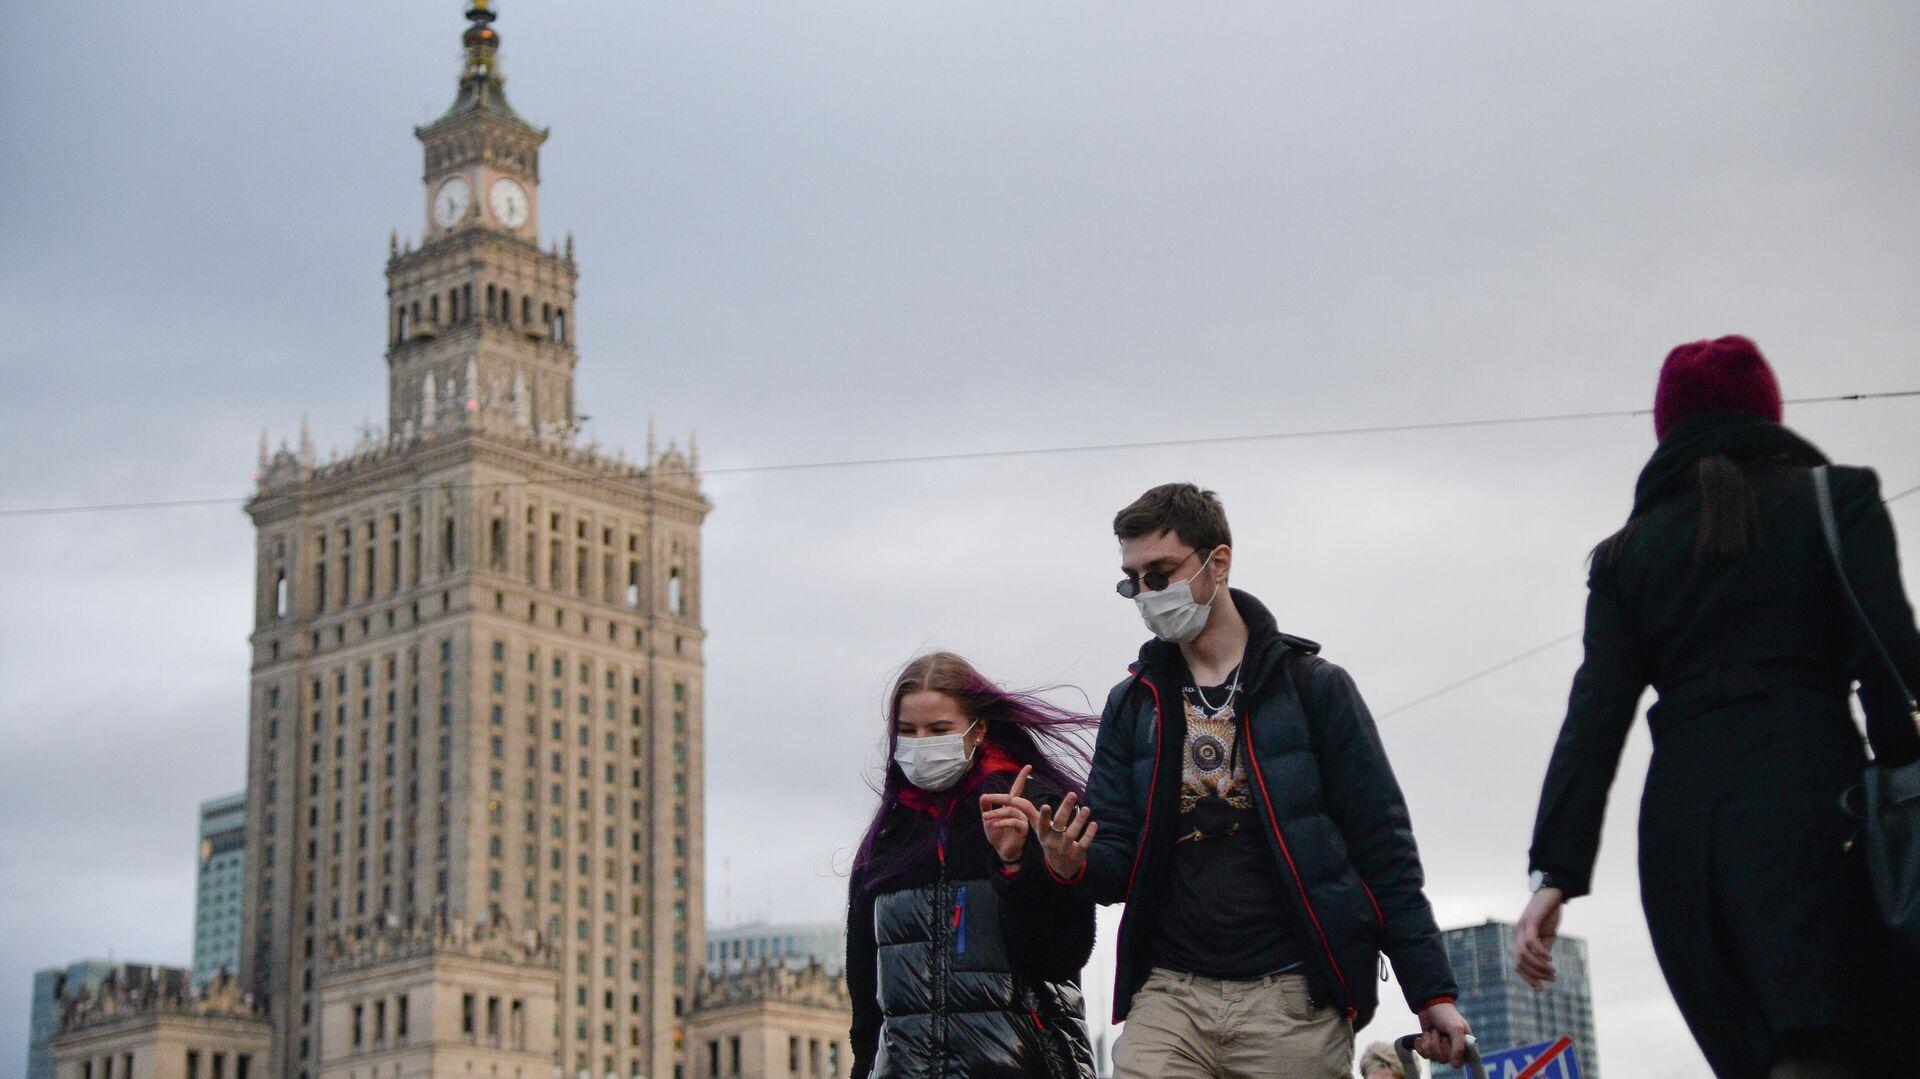 Прохожие в медицинских масках на улице в Варшаве - РИА Новости, 1920, 12.01.2021